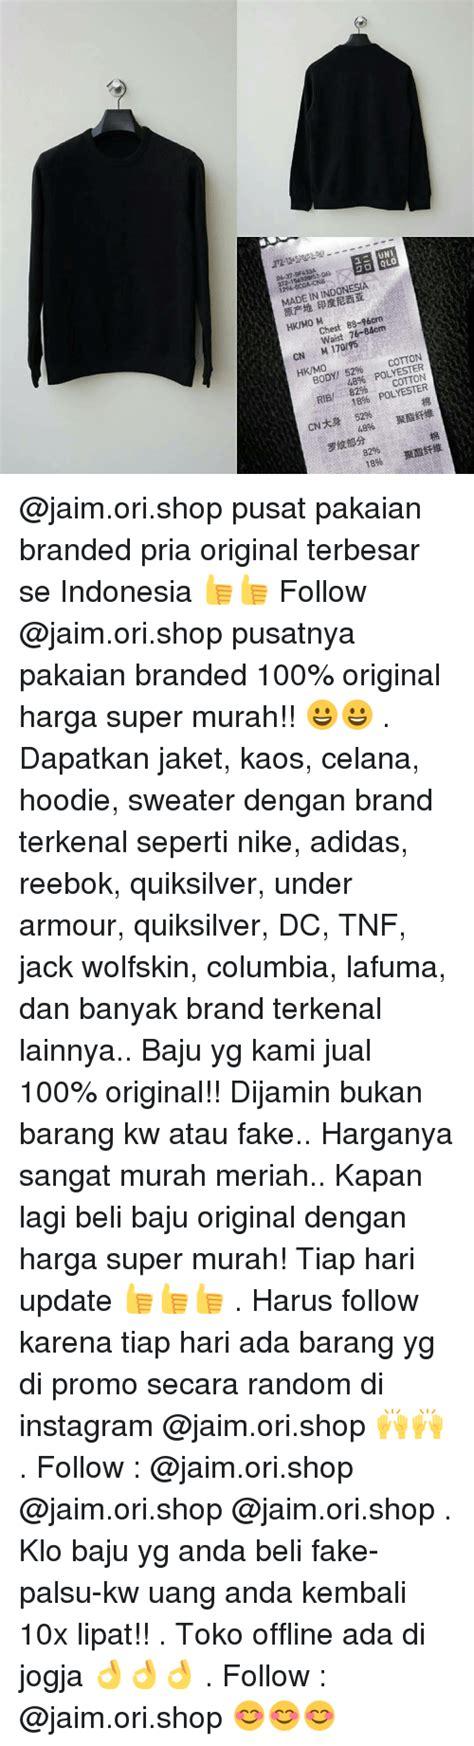 Kaos Logo Batman Kaos Distro Murah baju dc kw murah baju dc kw murah